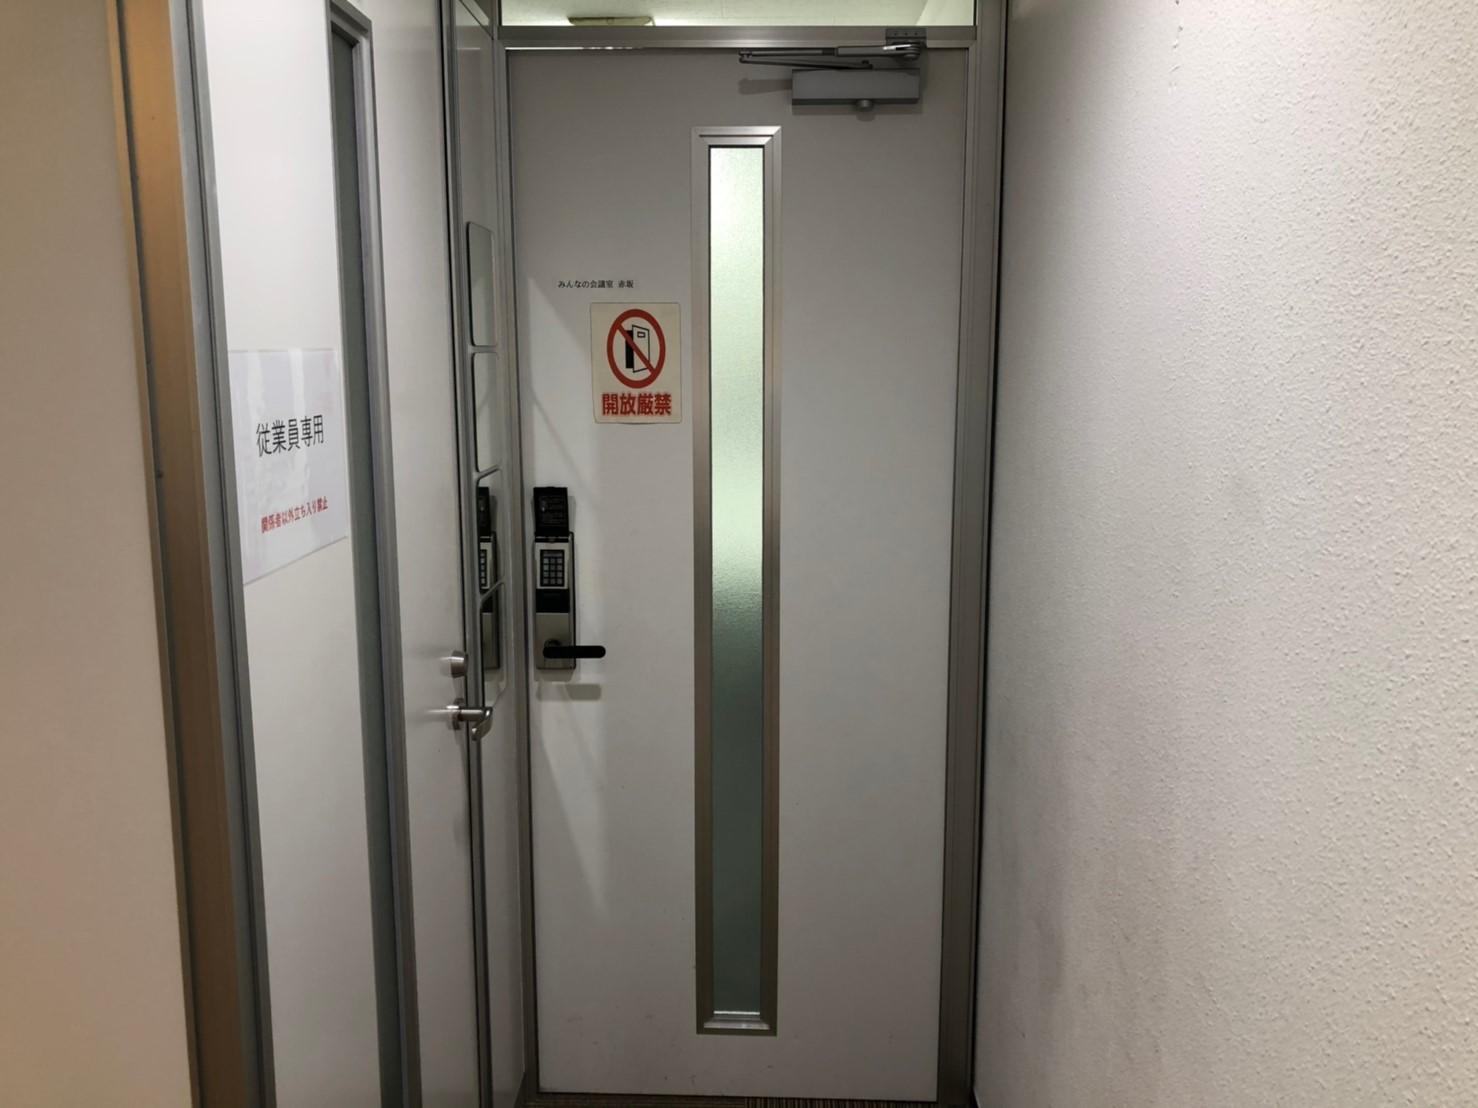 みんなの会議室 赤坂 | 会議室入口扉